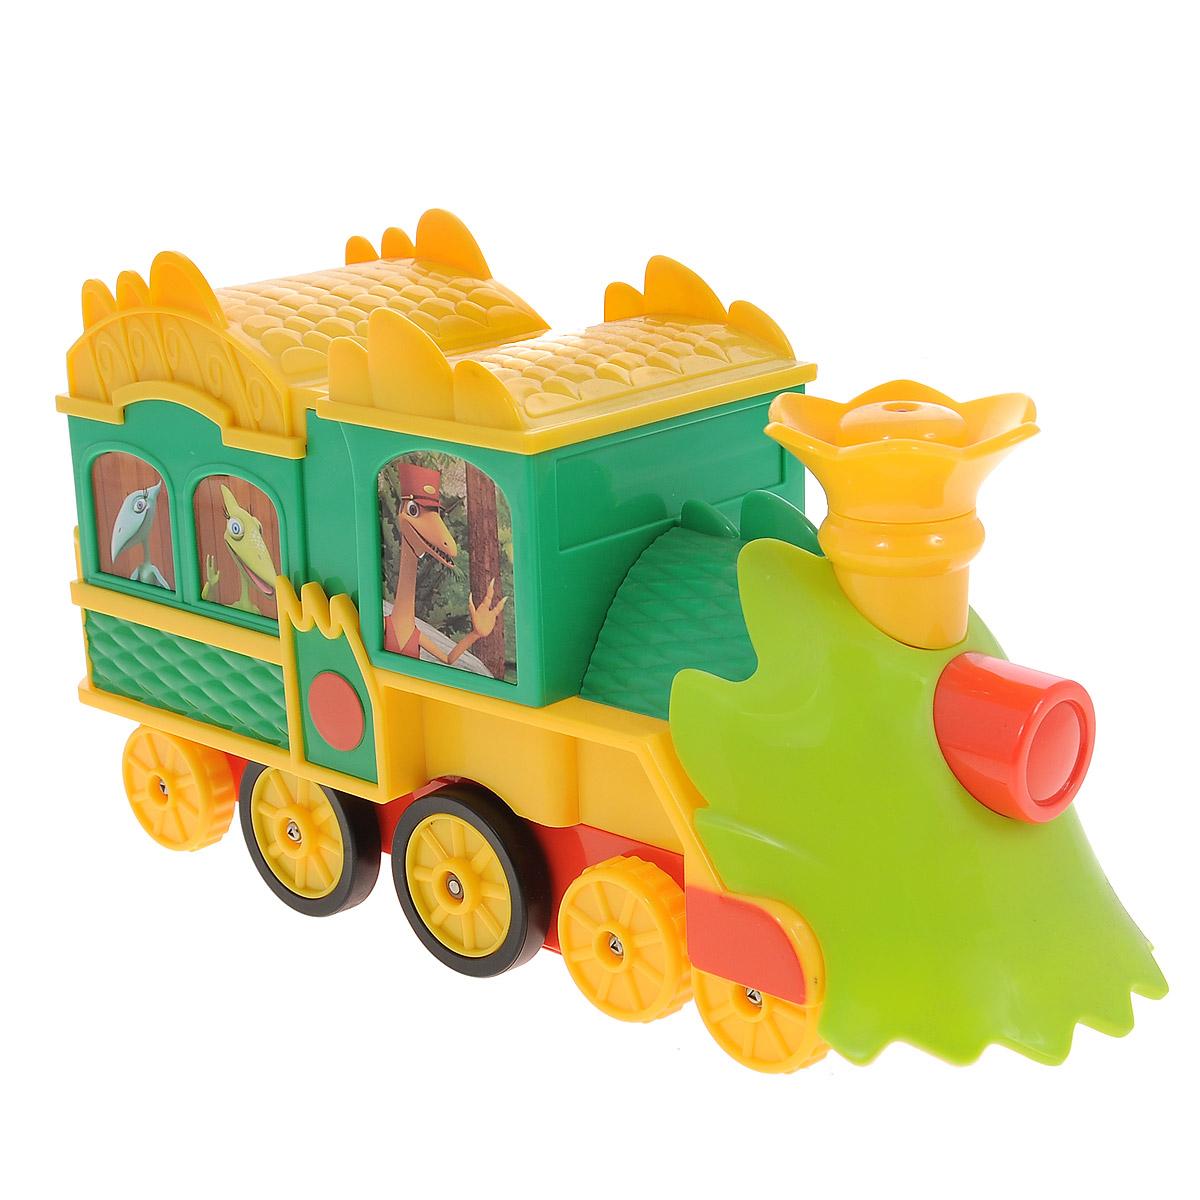 Tomy Игрушка на радиоуправлении Поезд Динозавров Путешествие во времени - Радиоуправляемые игрушки